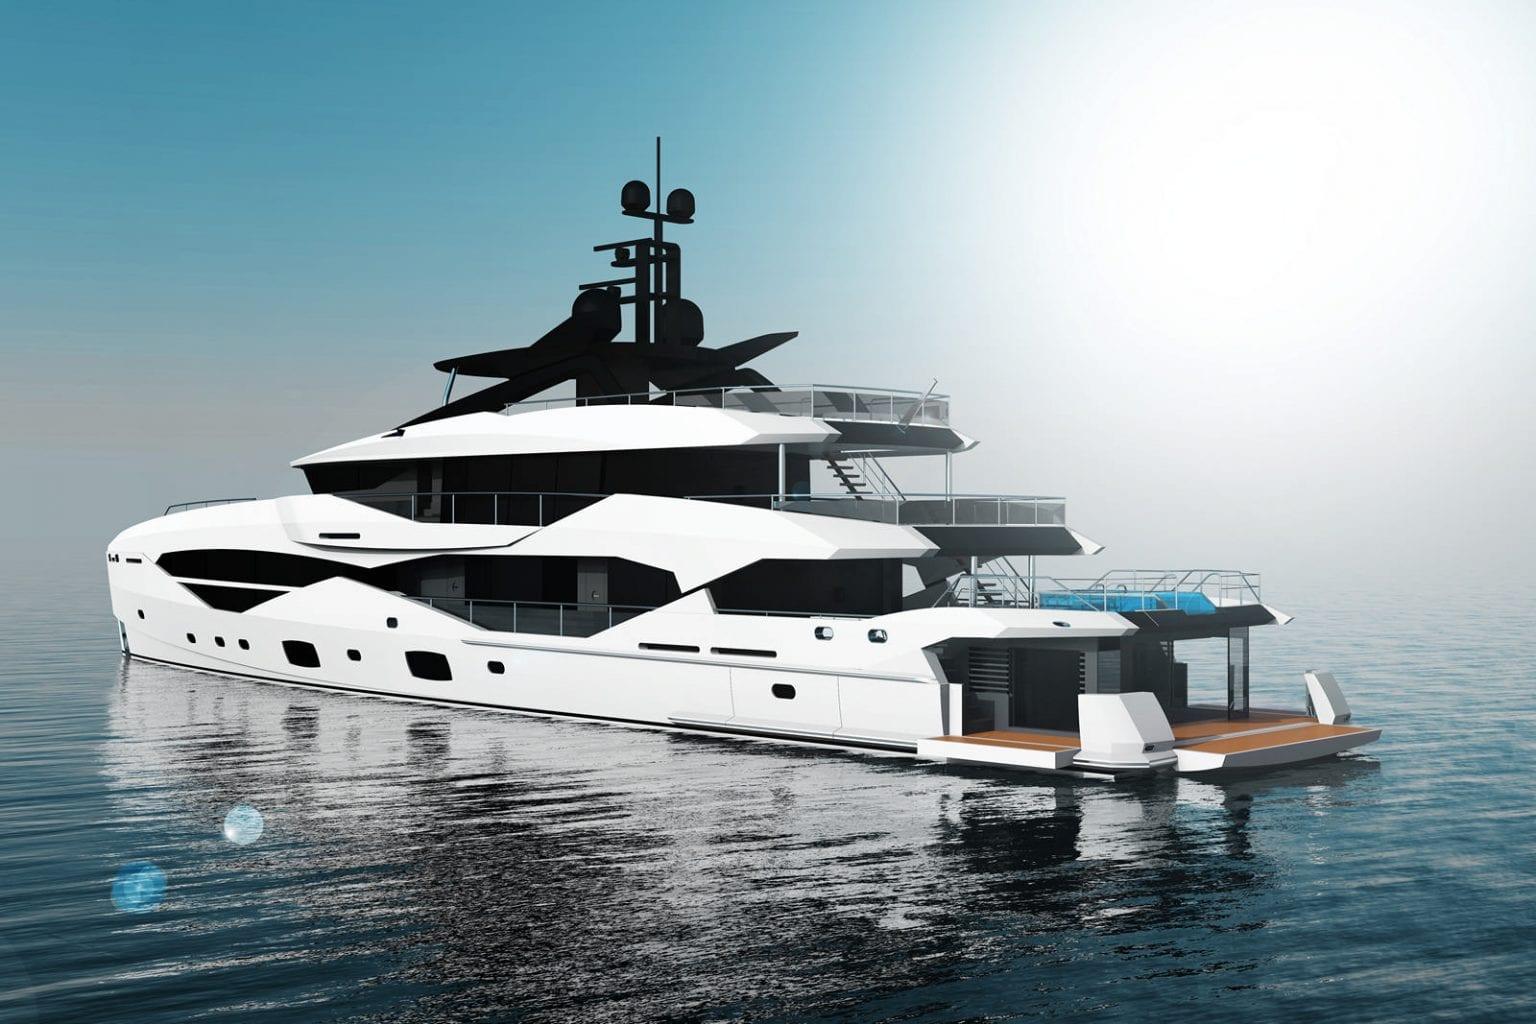 יאכטה Sunseeker Yacht 161 - OCEAN 50 M - NEW - סטרים יאכטות